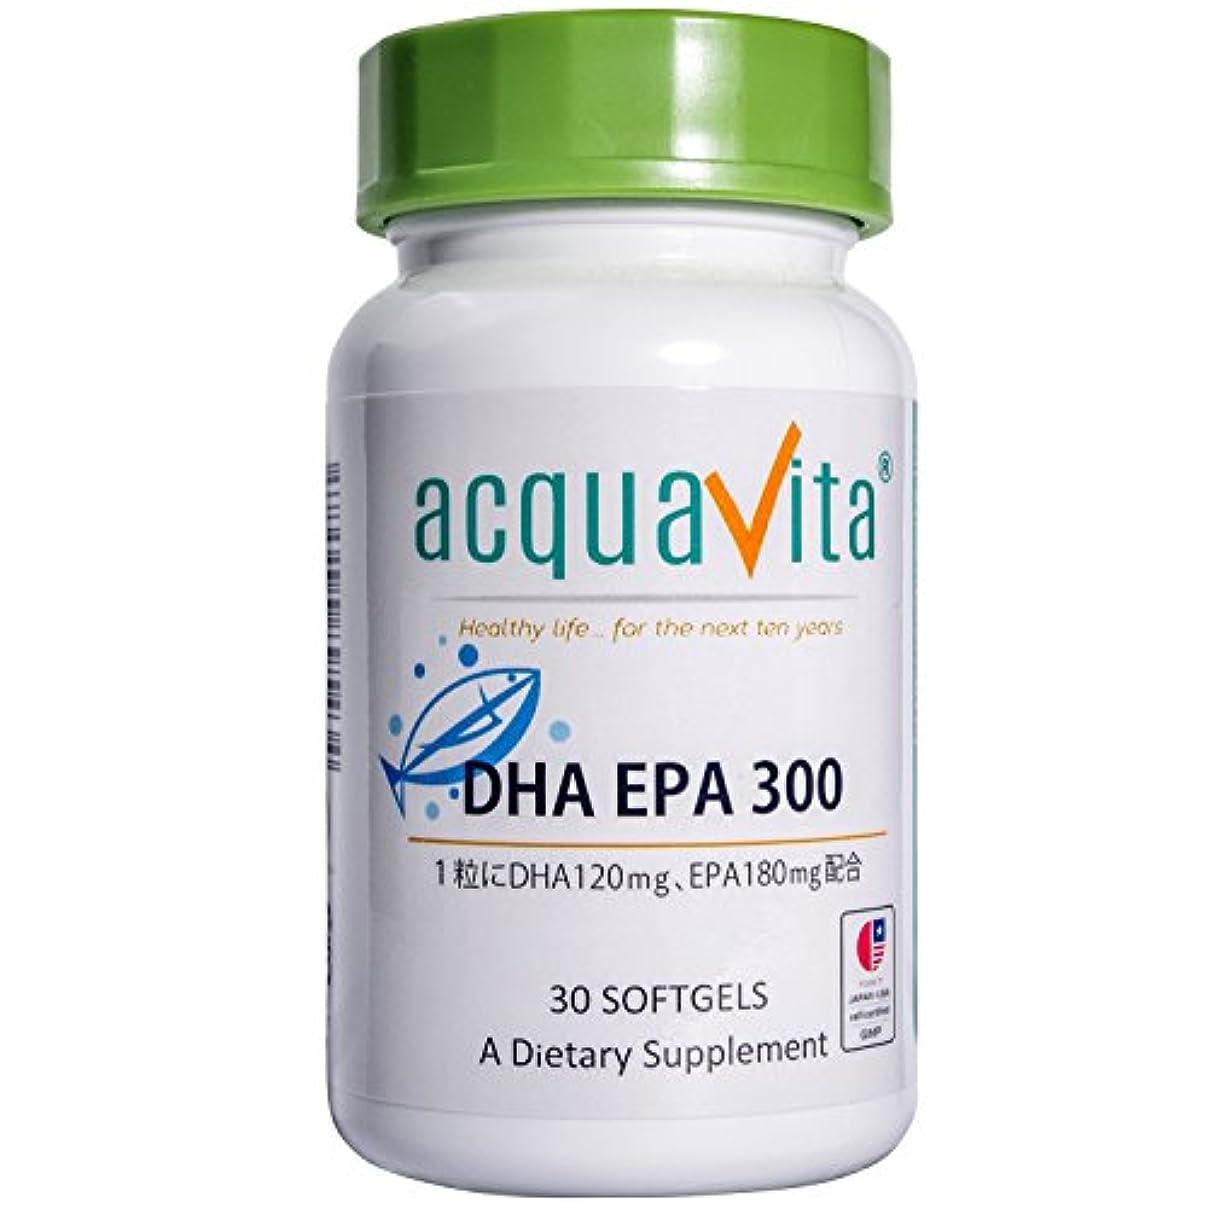 ギャラントリー深くプラスチックacquavita(アクアヴィータ)DHA EPA300 30粒